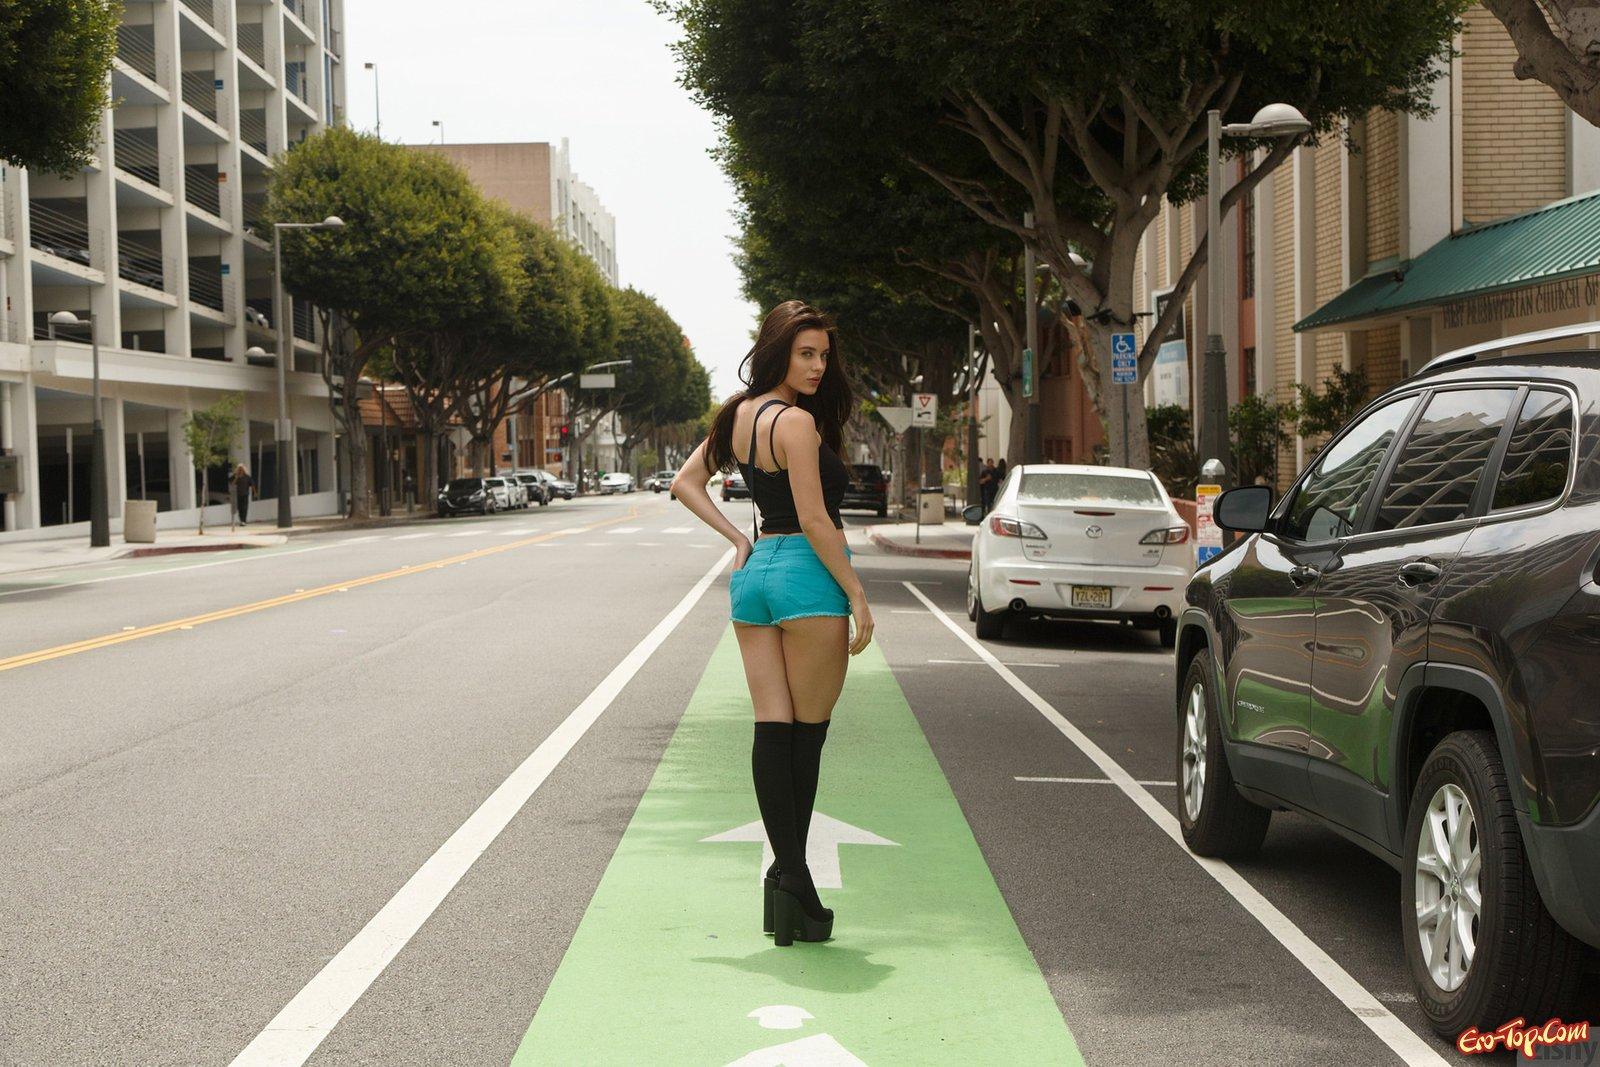 Сексуальная девушка на улице